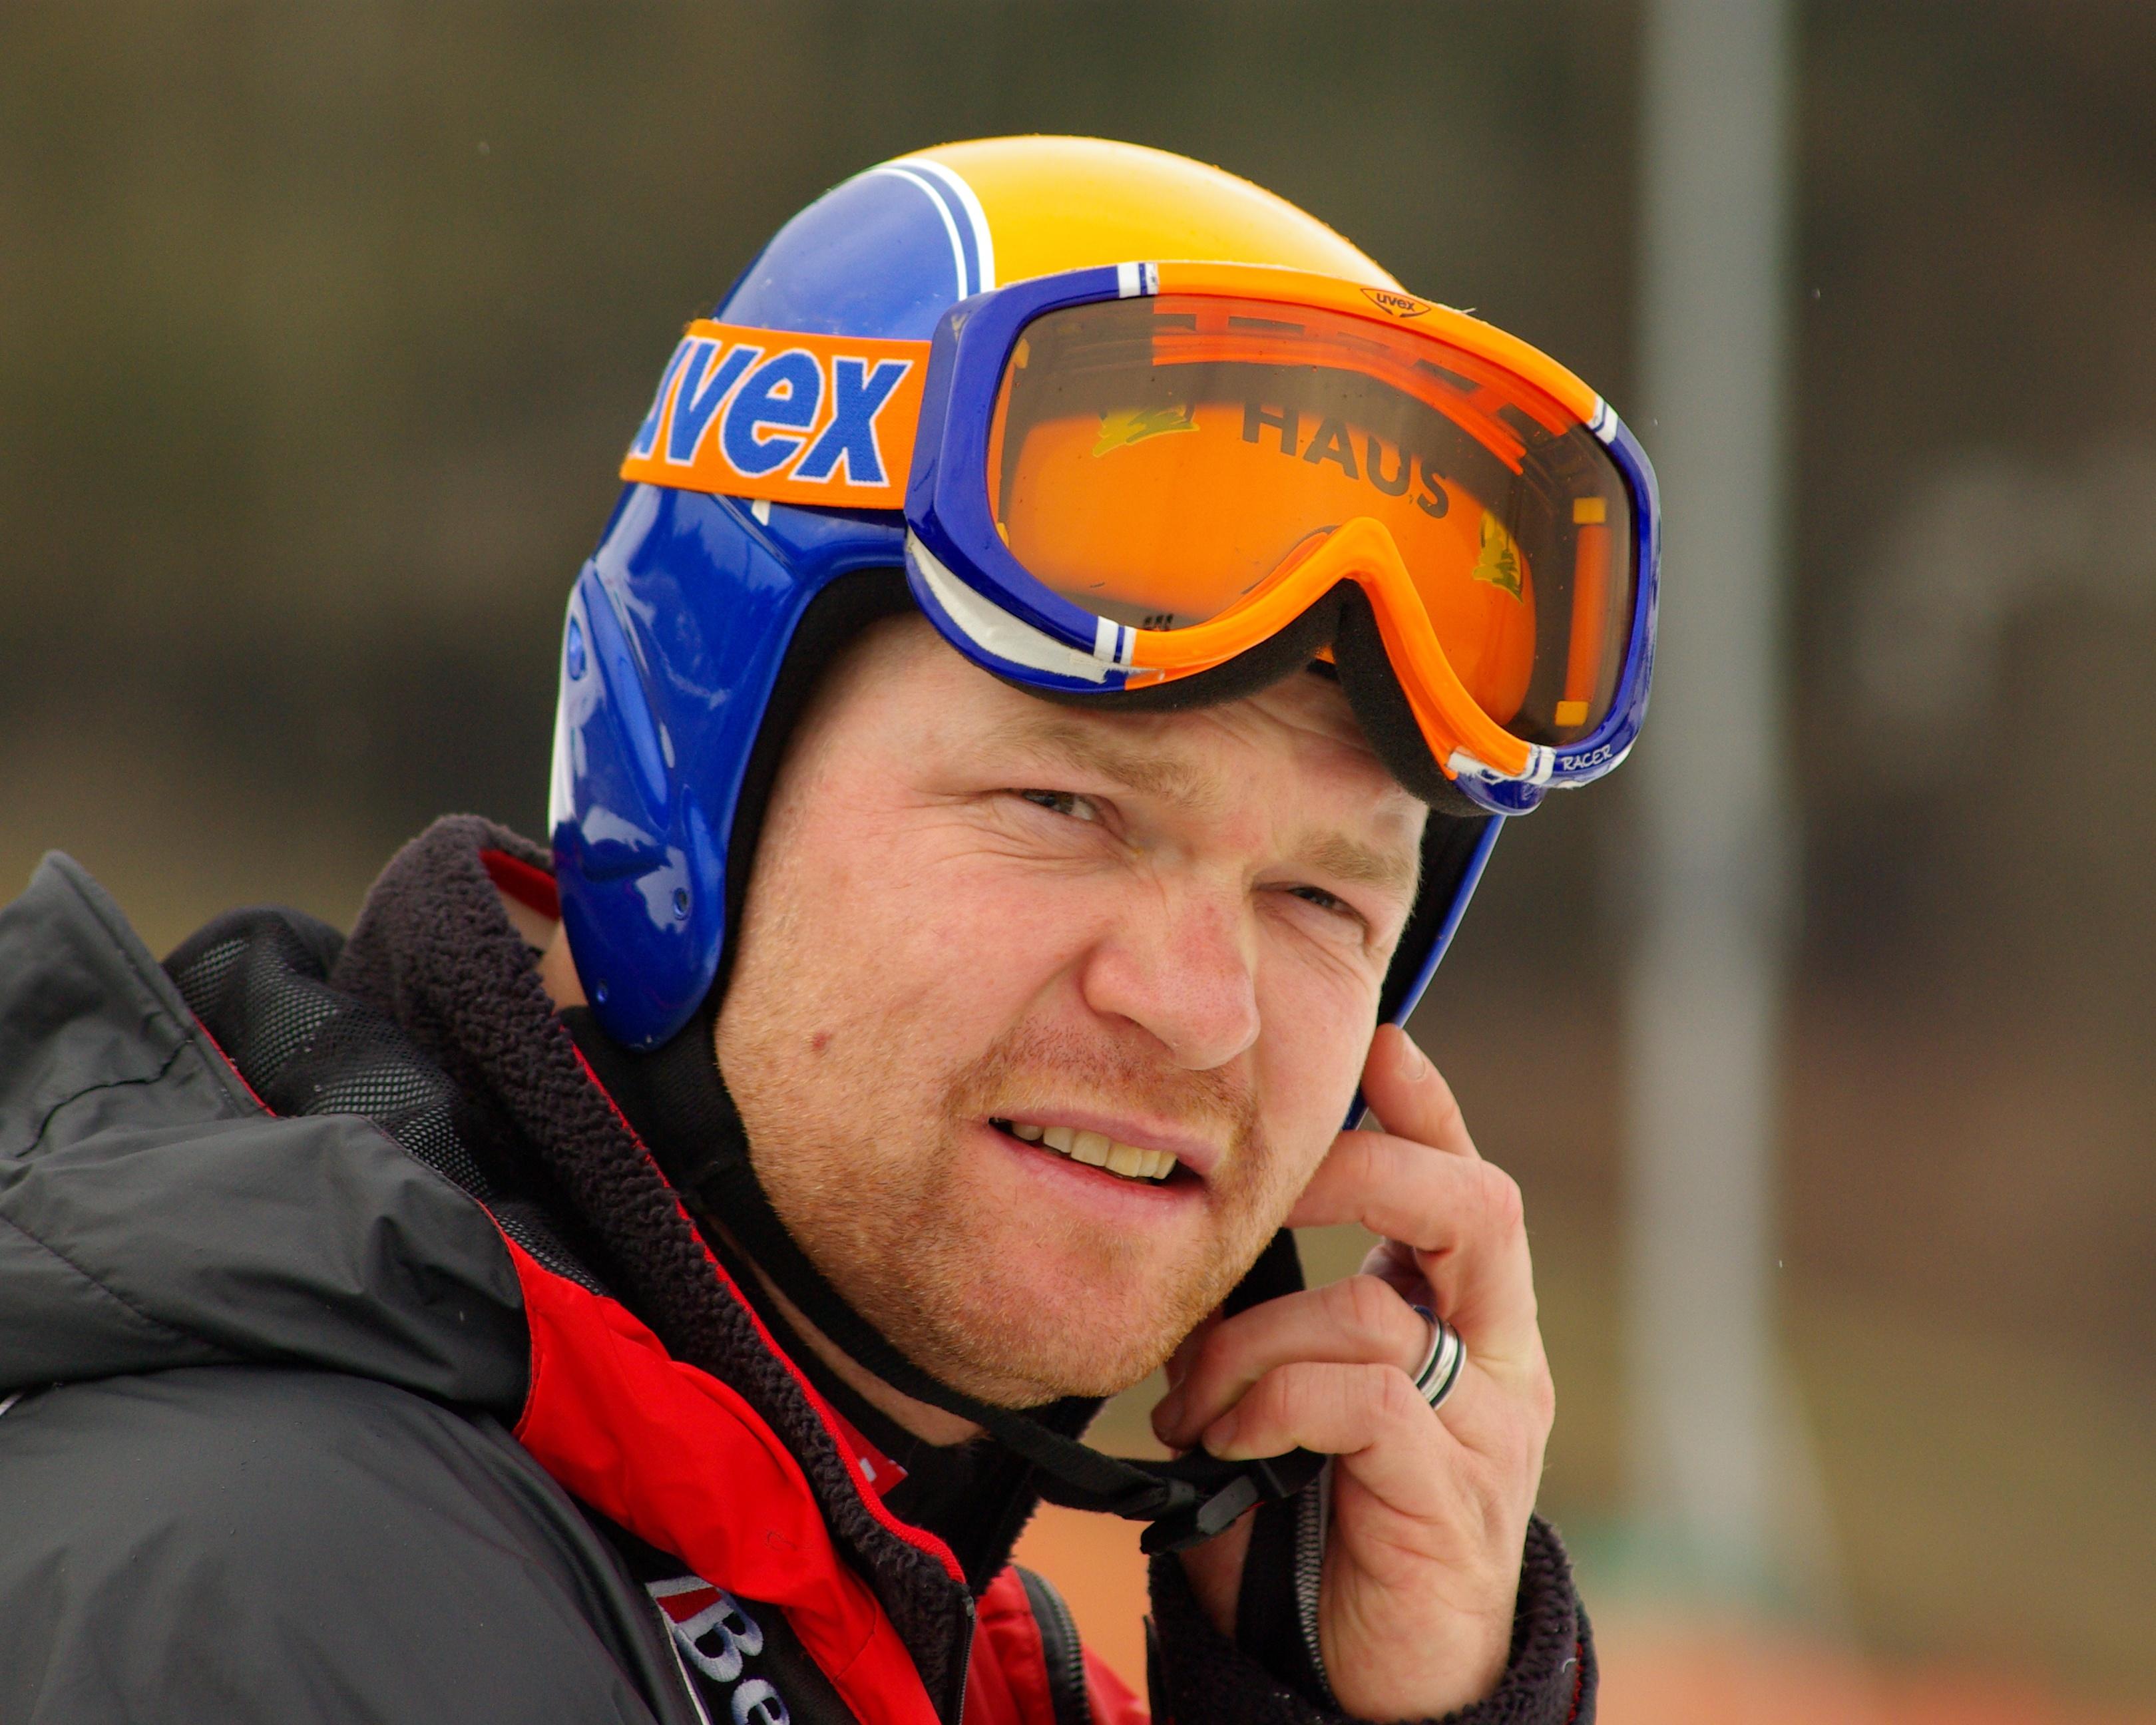 Klaus liebt Geschwindigkeit. Quelle: Christian Jansky/ commons.wikimedia.org